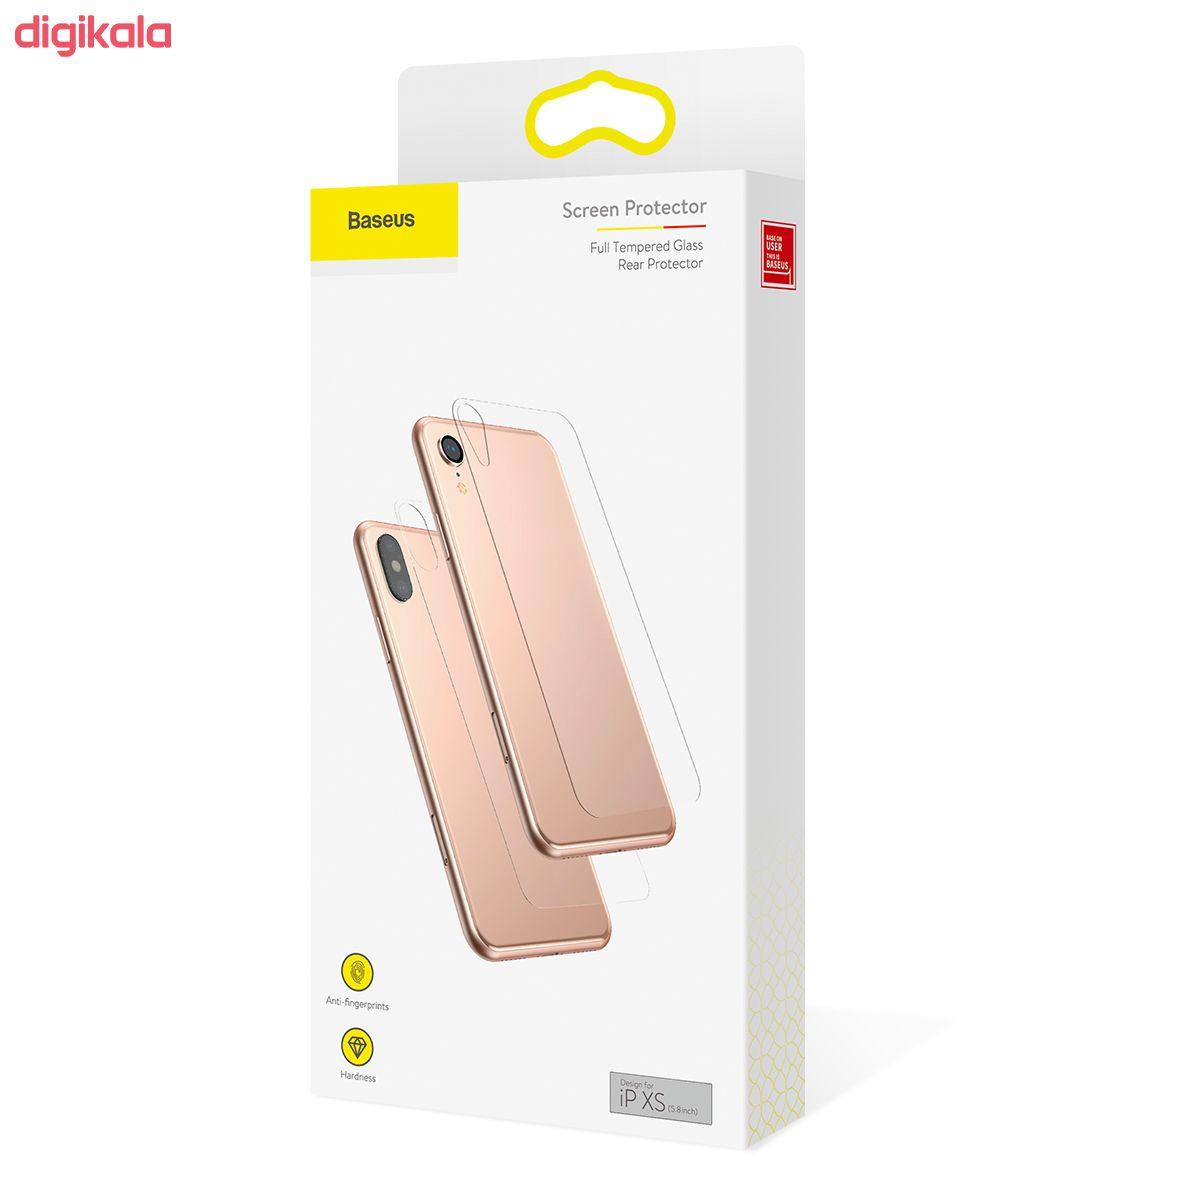 محافظ پشت گوشی باسئوس مدل SGAPIPH58-ABM02 مناسب برای گوشی موبایل اپل Iphone XS main 1 5